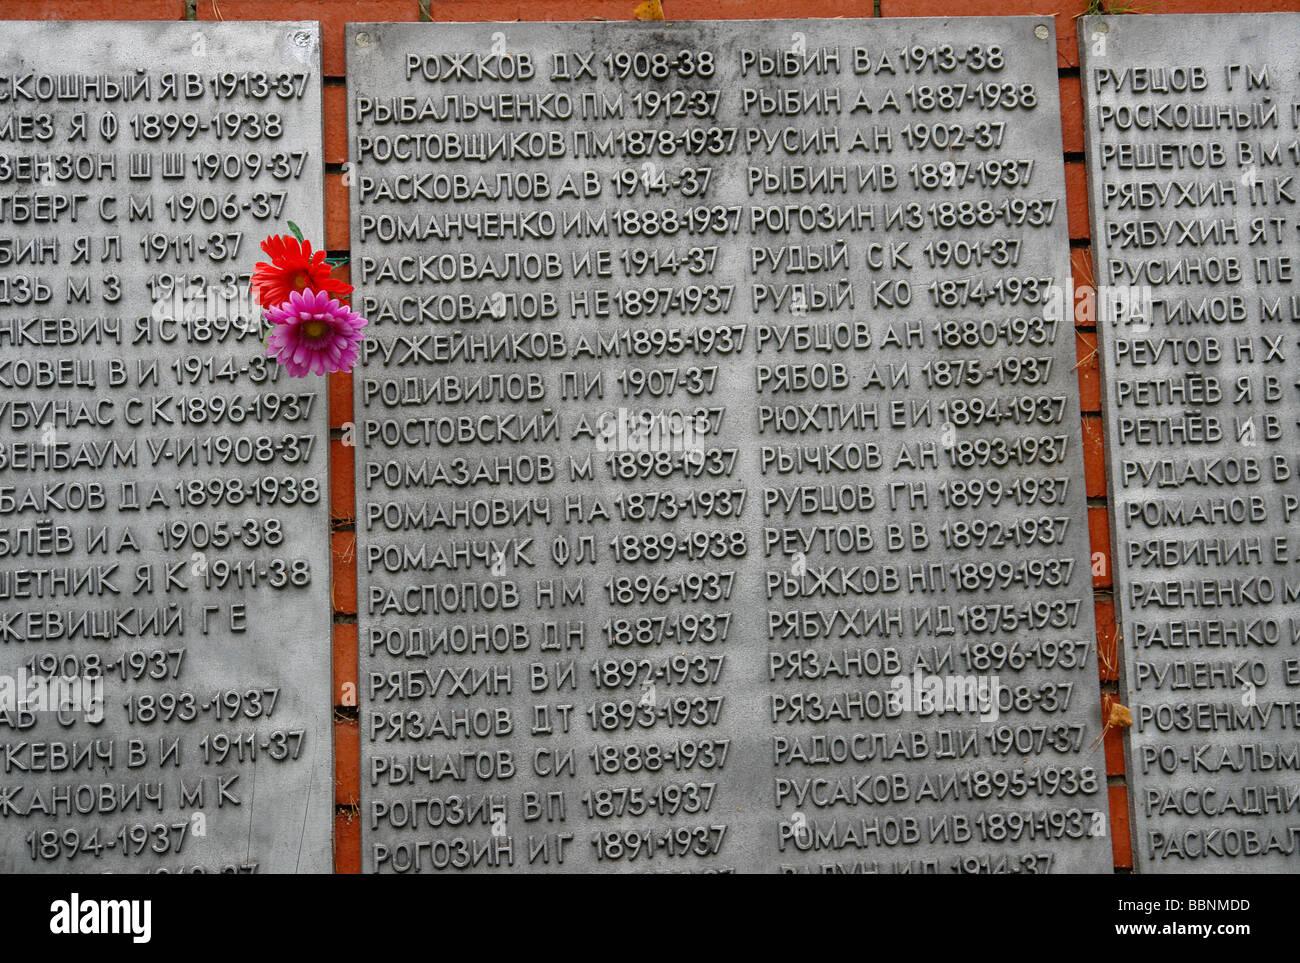 Geografía / viajes, Rusia, política, al oeste de Ekaterimburgo: Memorial con los nombres de las víctimas Imagen De Stock